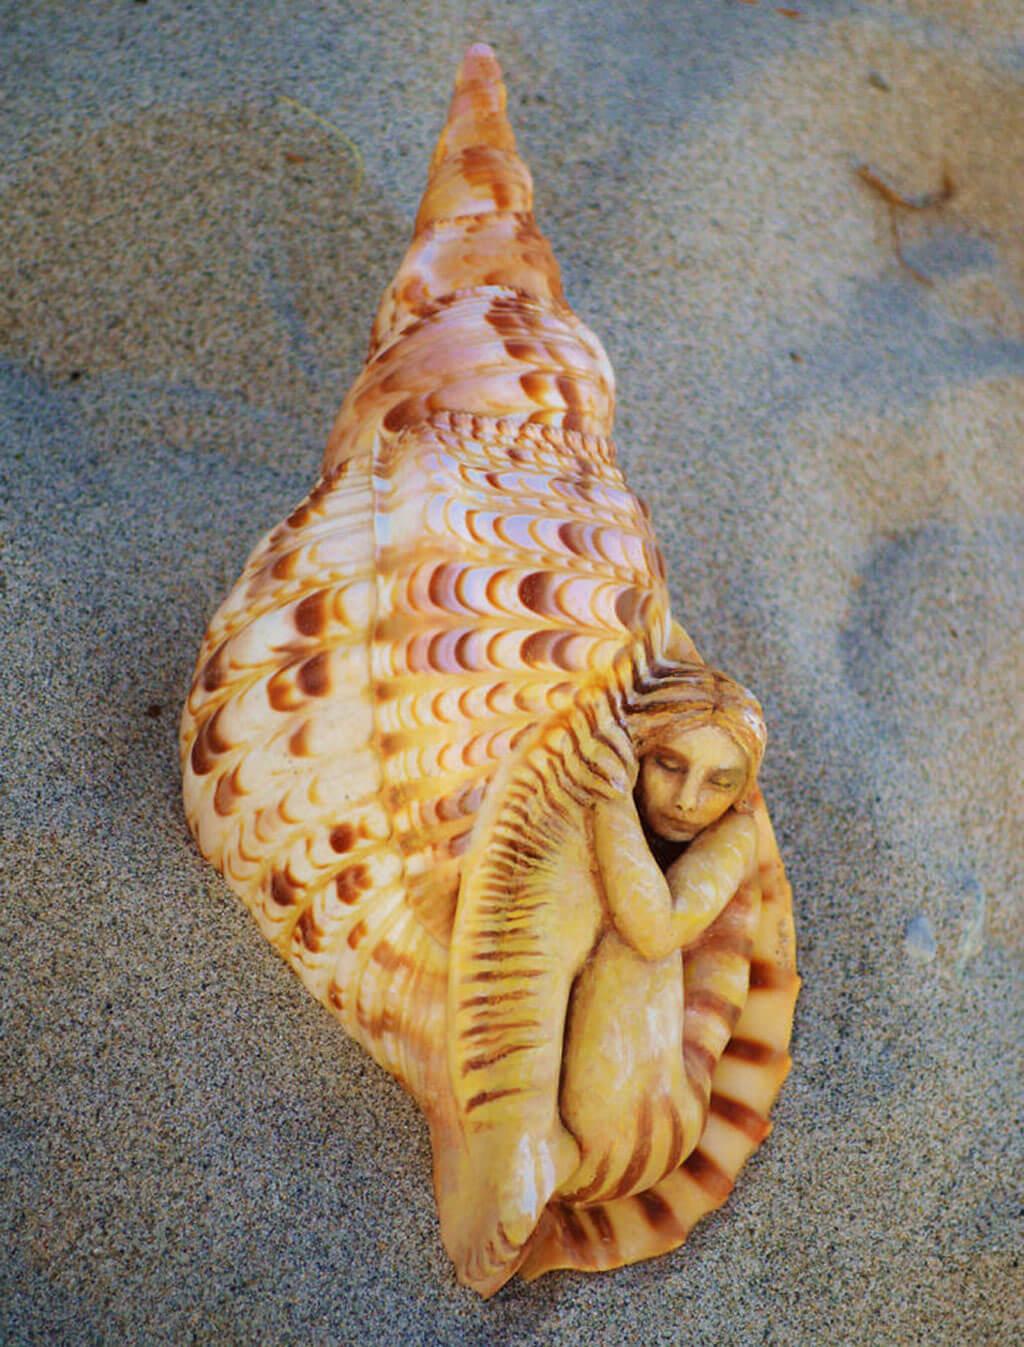 Carved shell by Debra Bernier